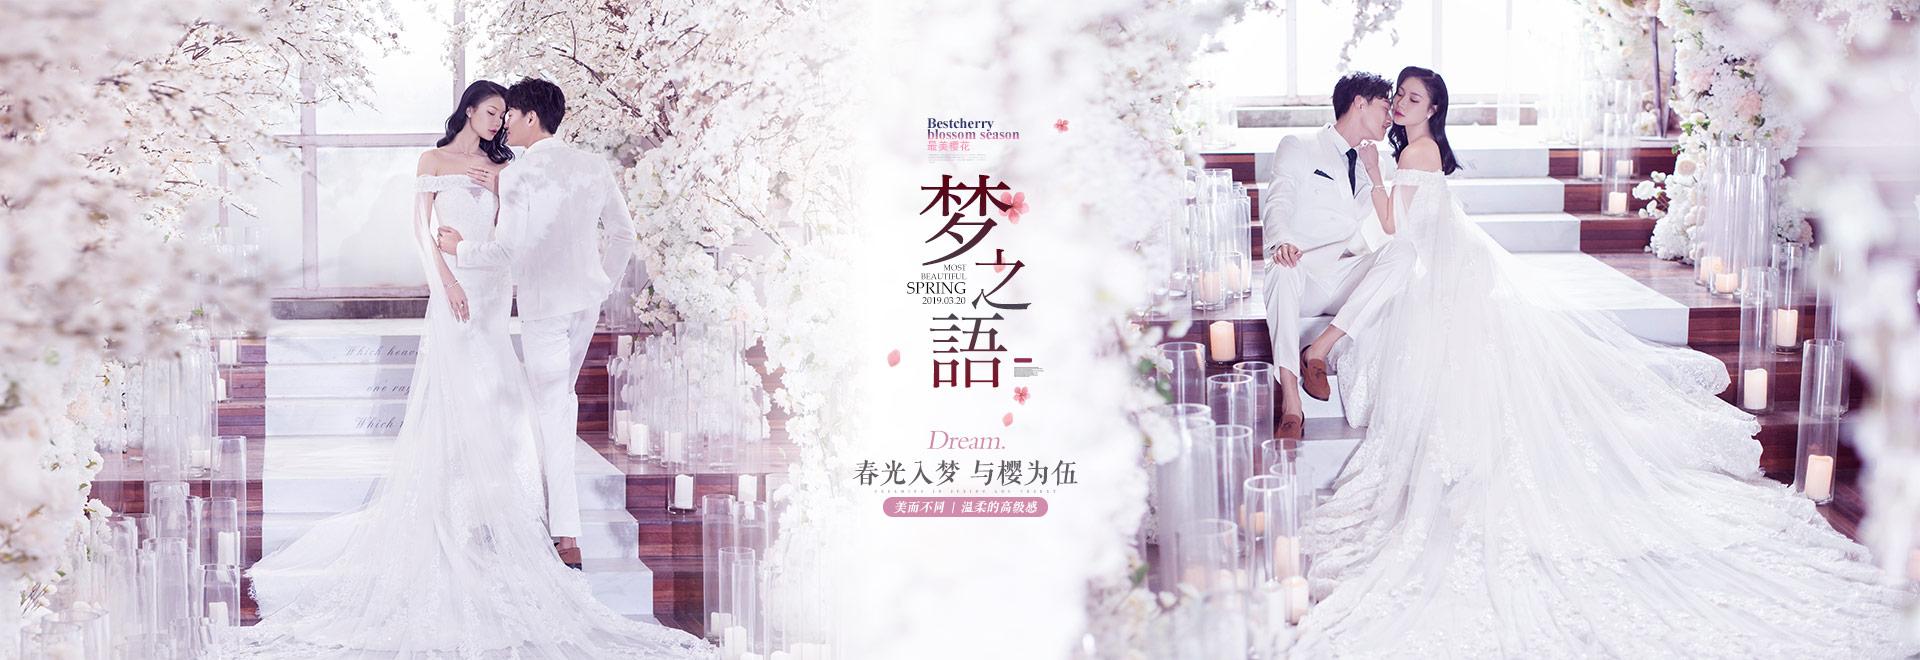 南京婚纱影楼哪家比较好